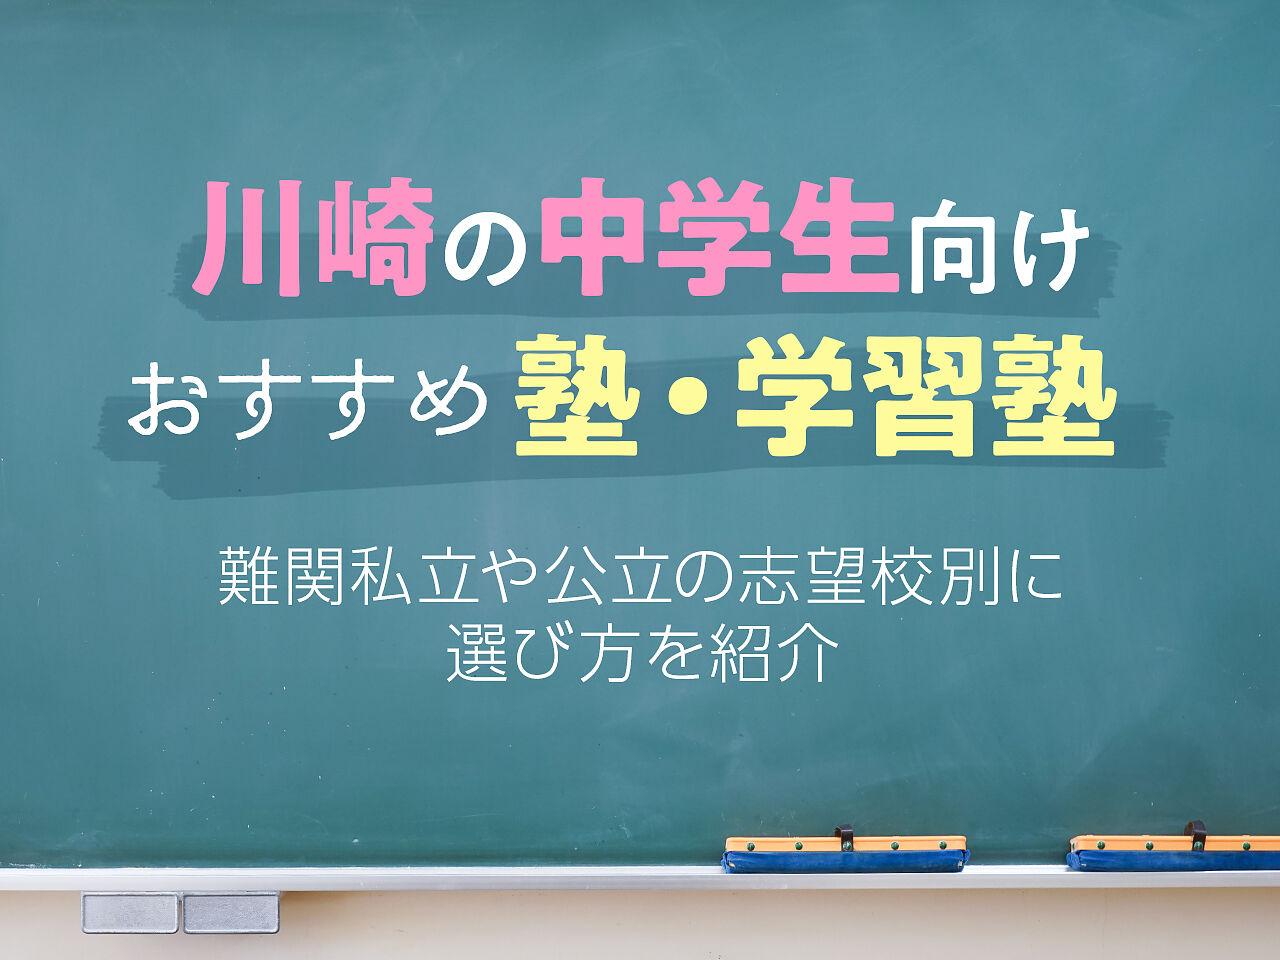 川崎の中学生向け塾・学習塾おすすめ26選!難関私立や公立の志望校別に選び方をご紹介の画像